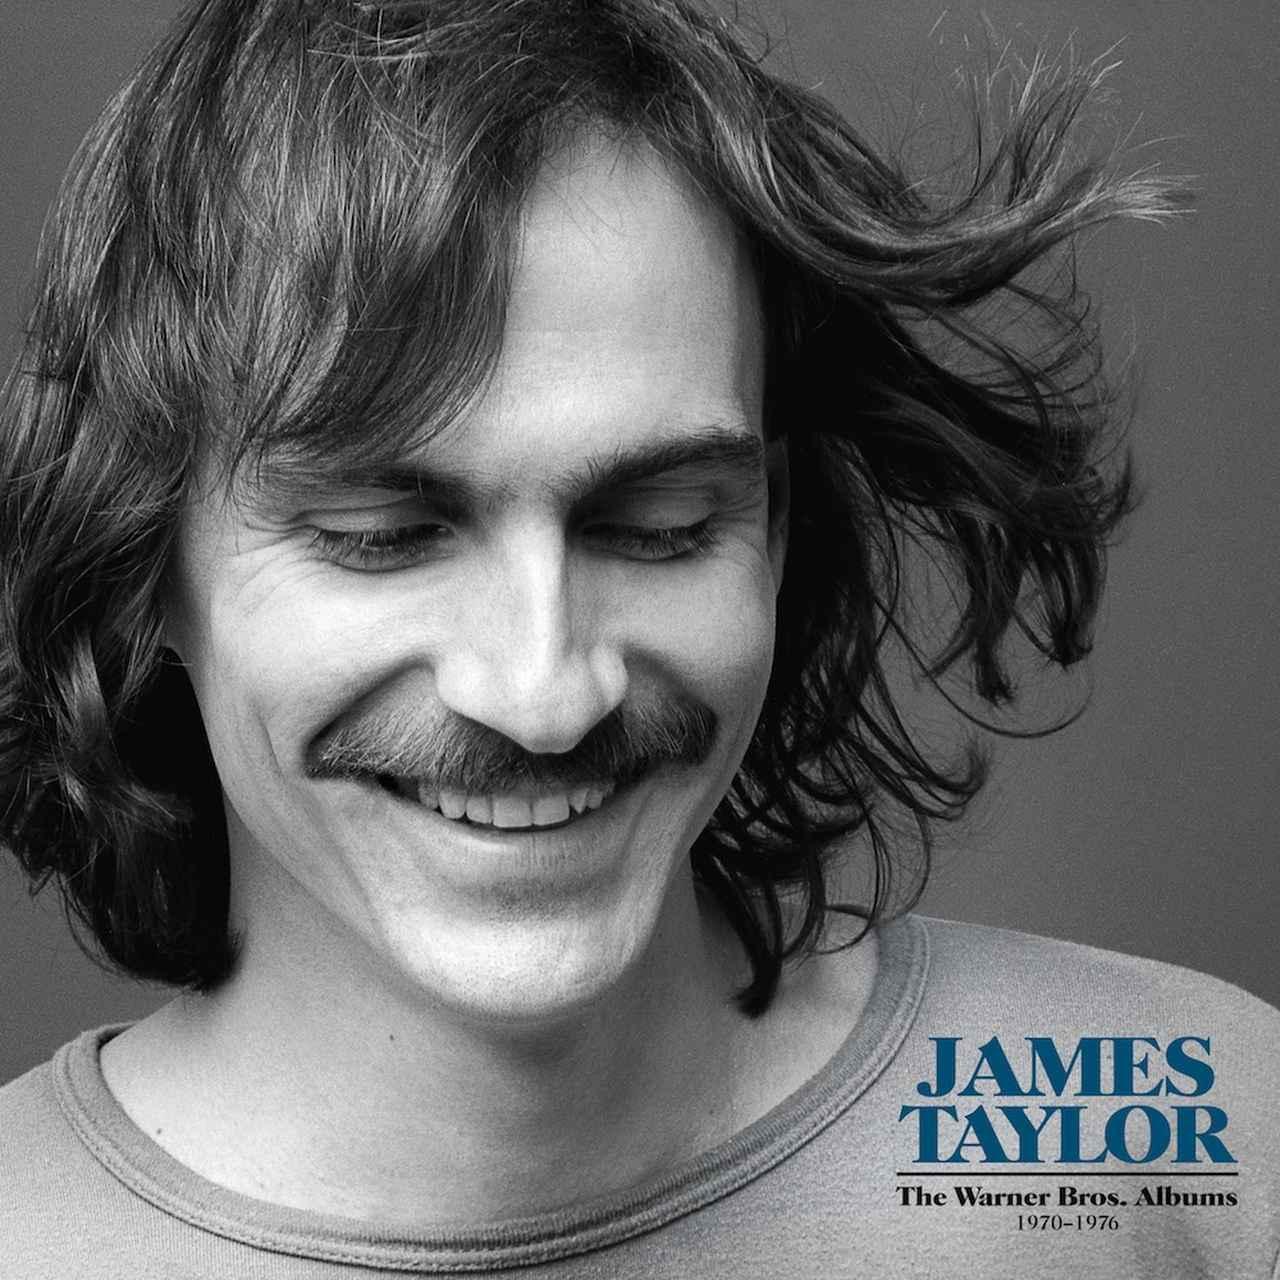 画像: The Warner Bros. Albums: 1970-1976 / James Taylor